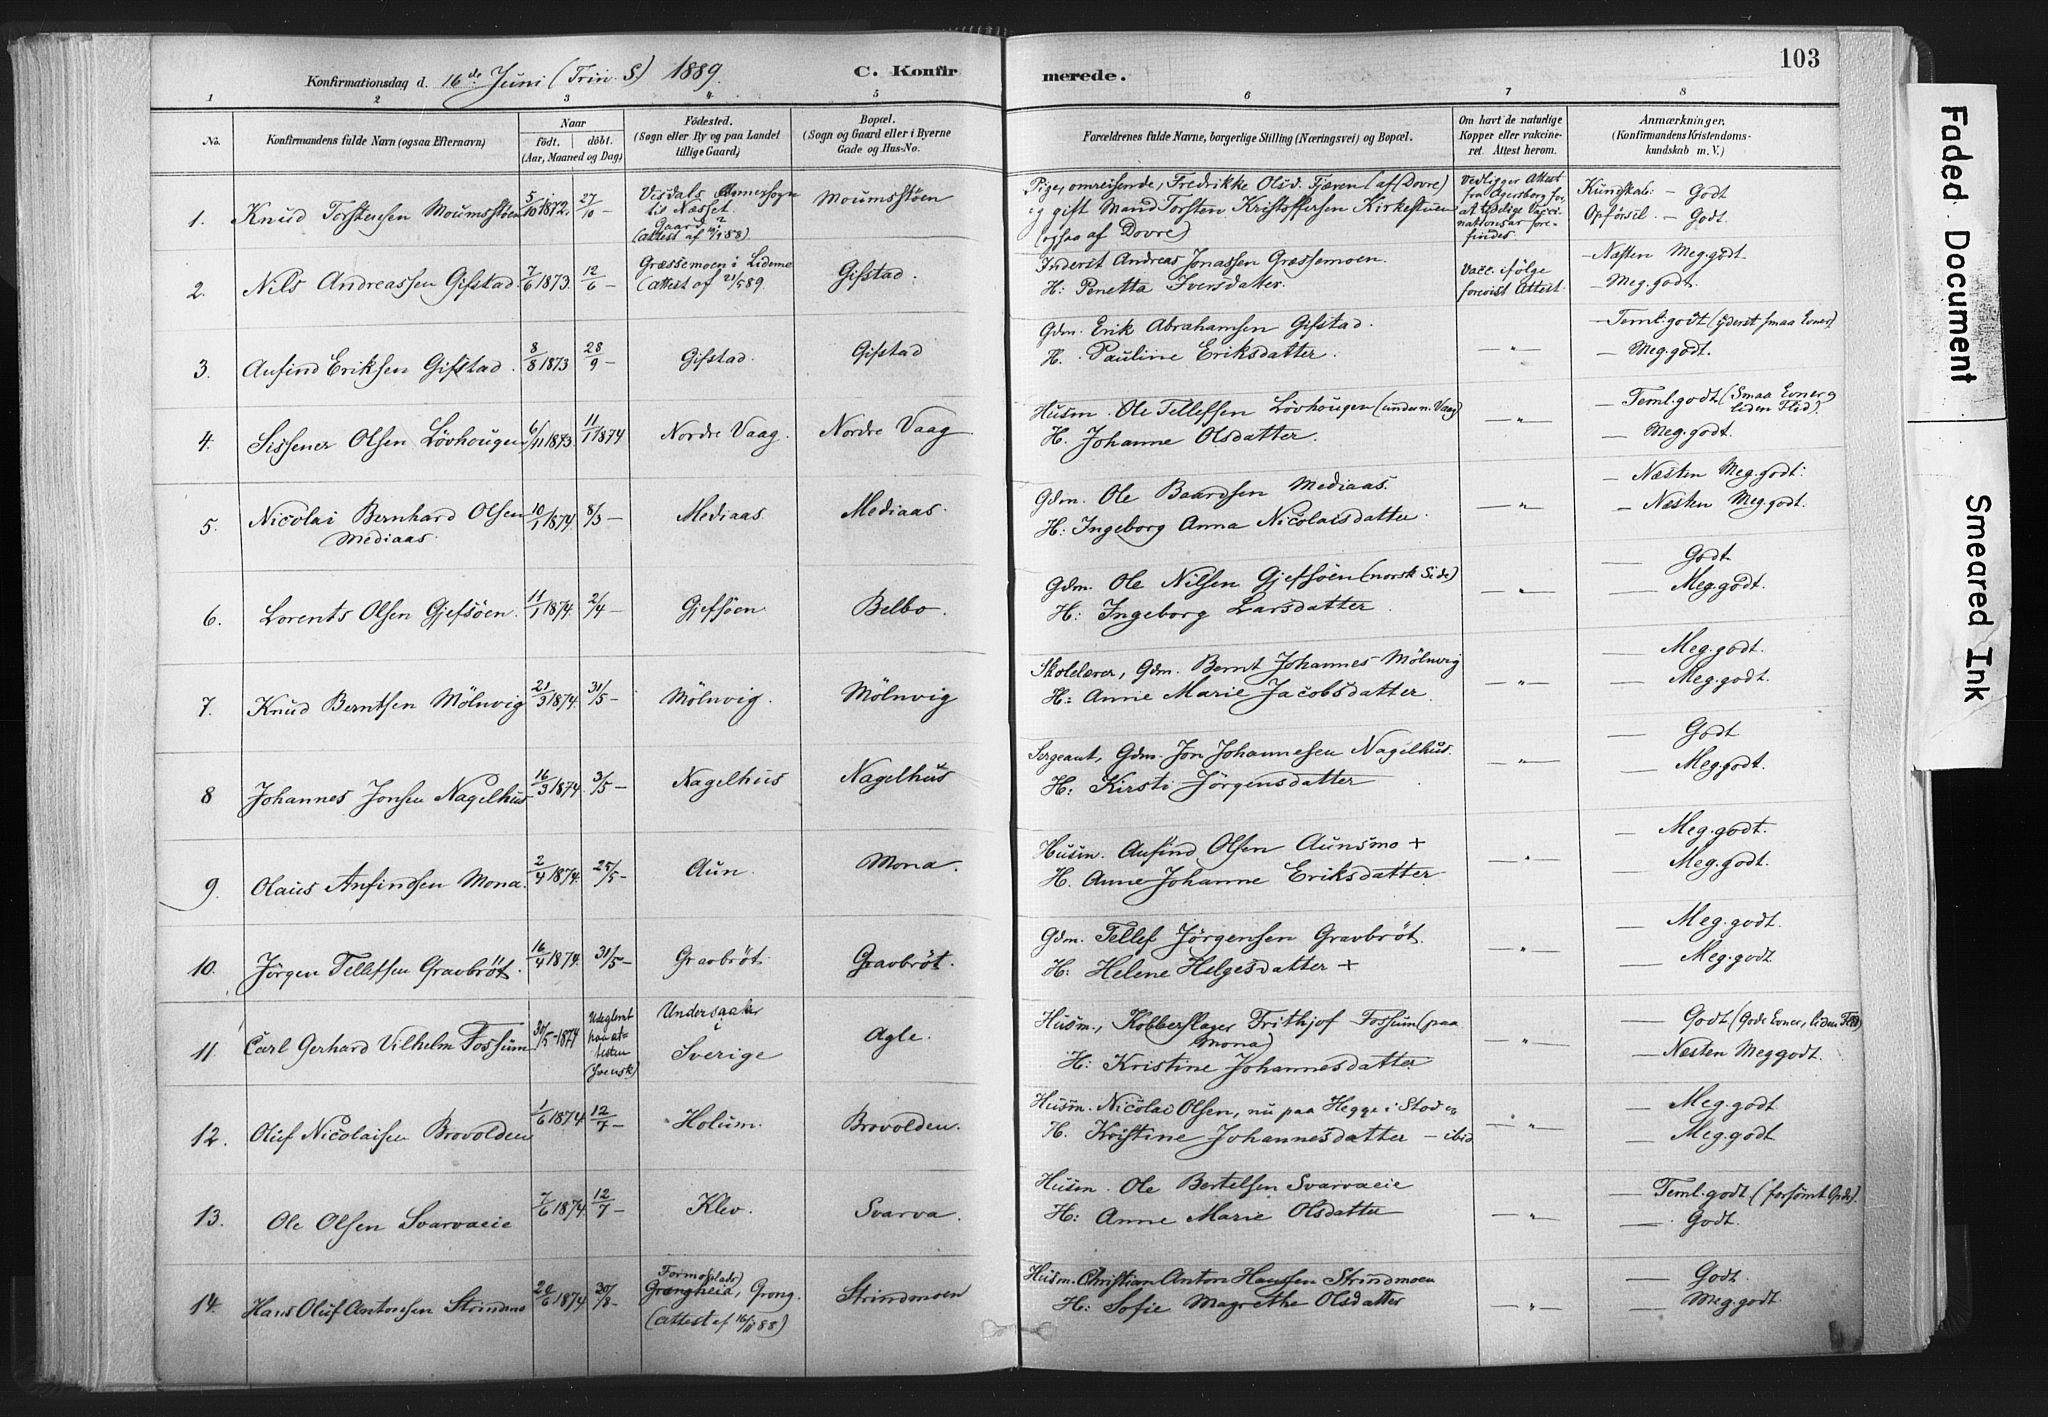 SAT, Ministerialprotokoller, klokkerbøker og fødselsregistre - Nord-Trøndelag, 749/L0474: Ministerialbok nr. 749A08, 1887-1903, s. 103